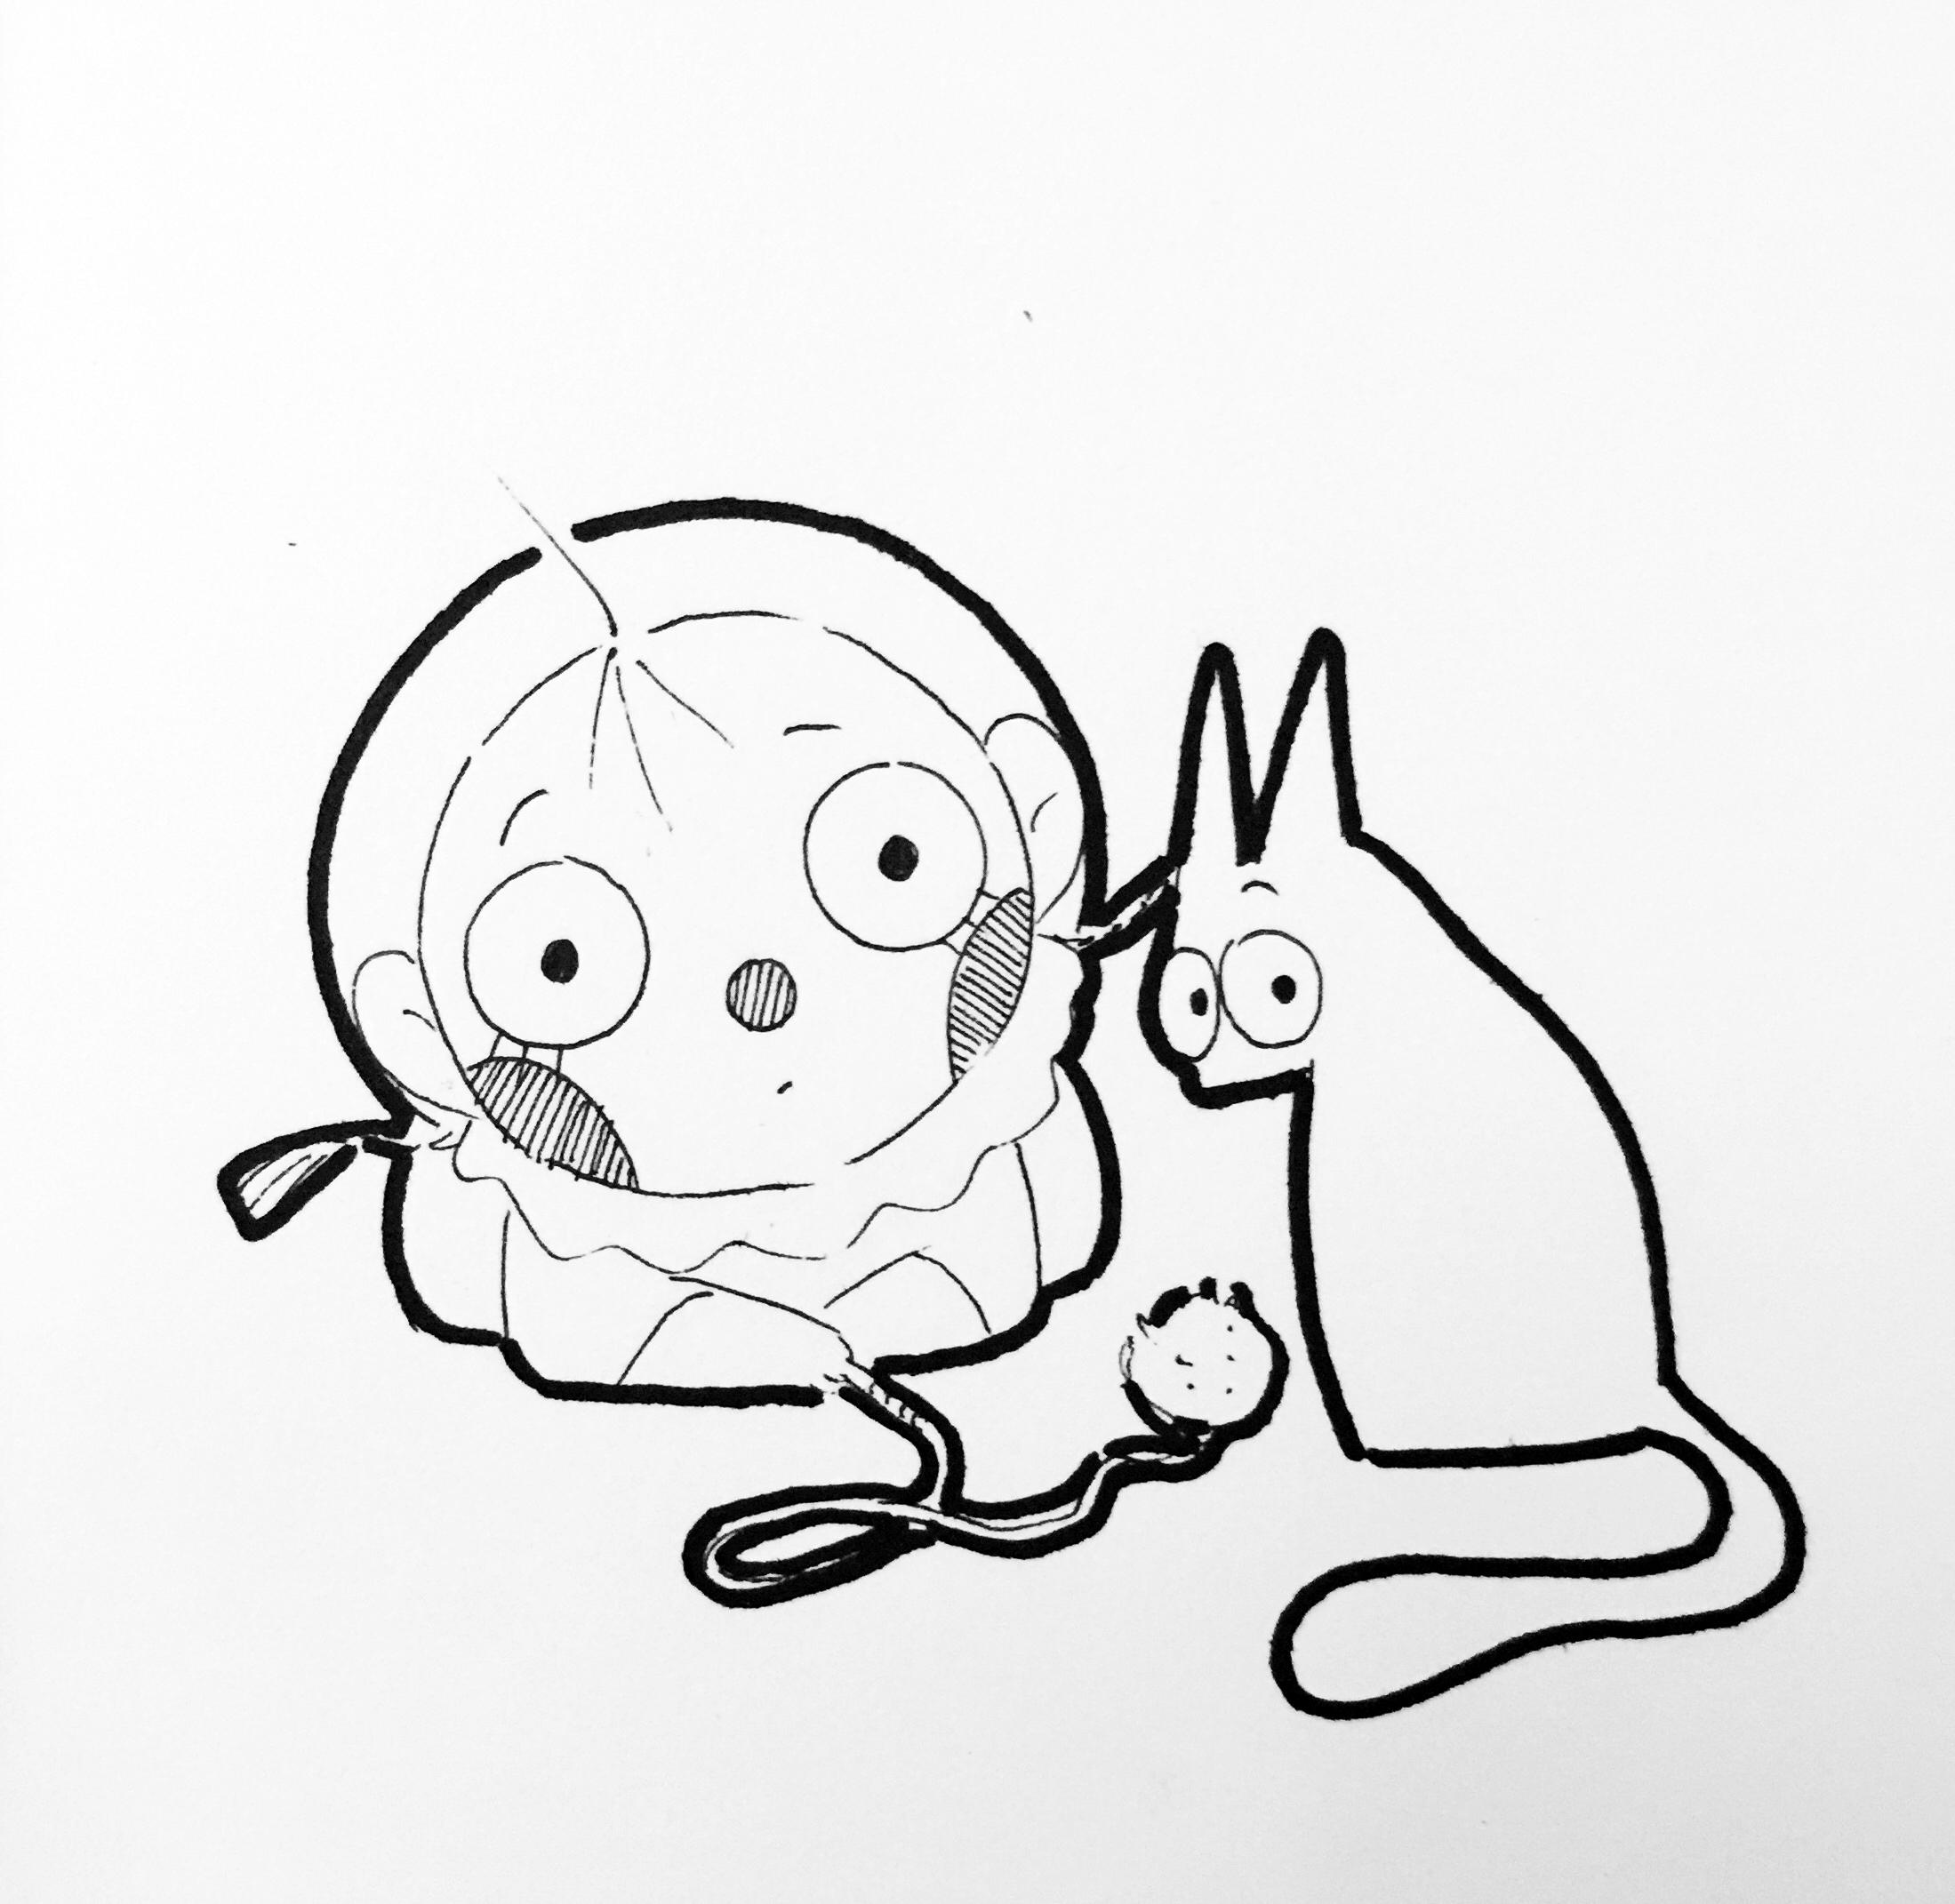 动漫 简笔画 卡通 漫画 手绘 头像 线稿 2199_2142